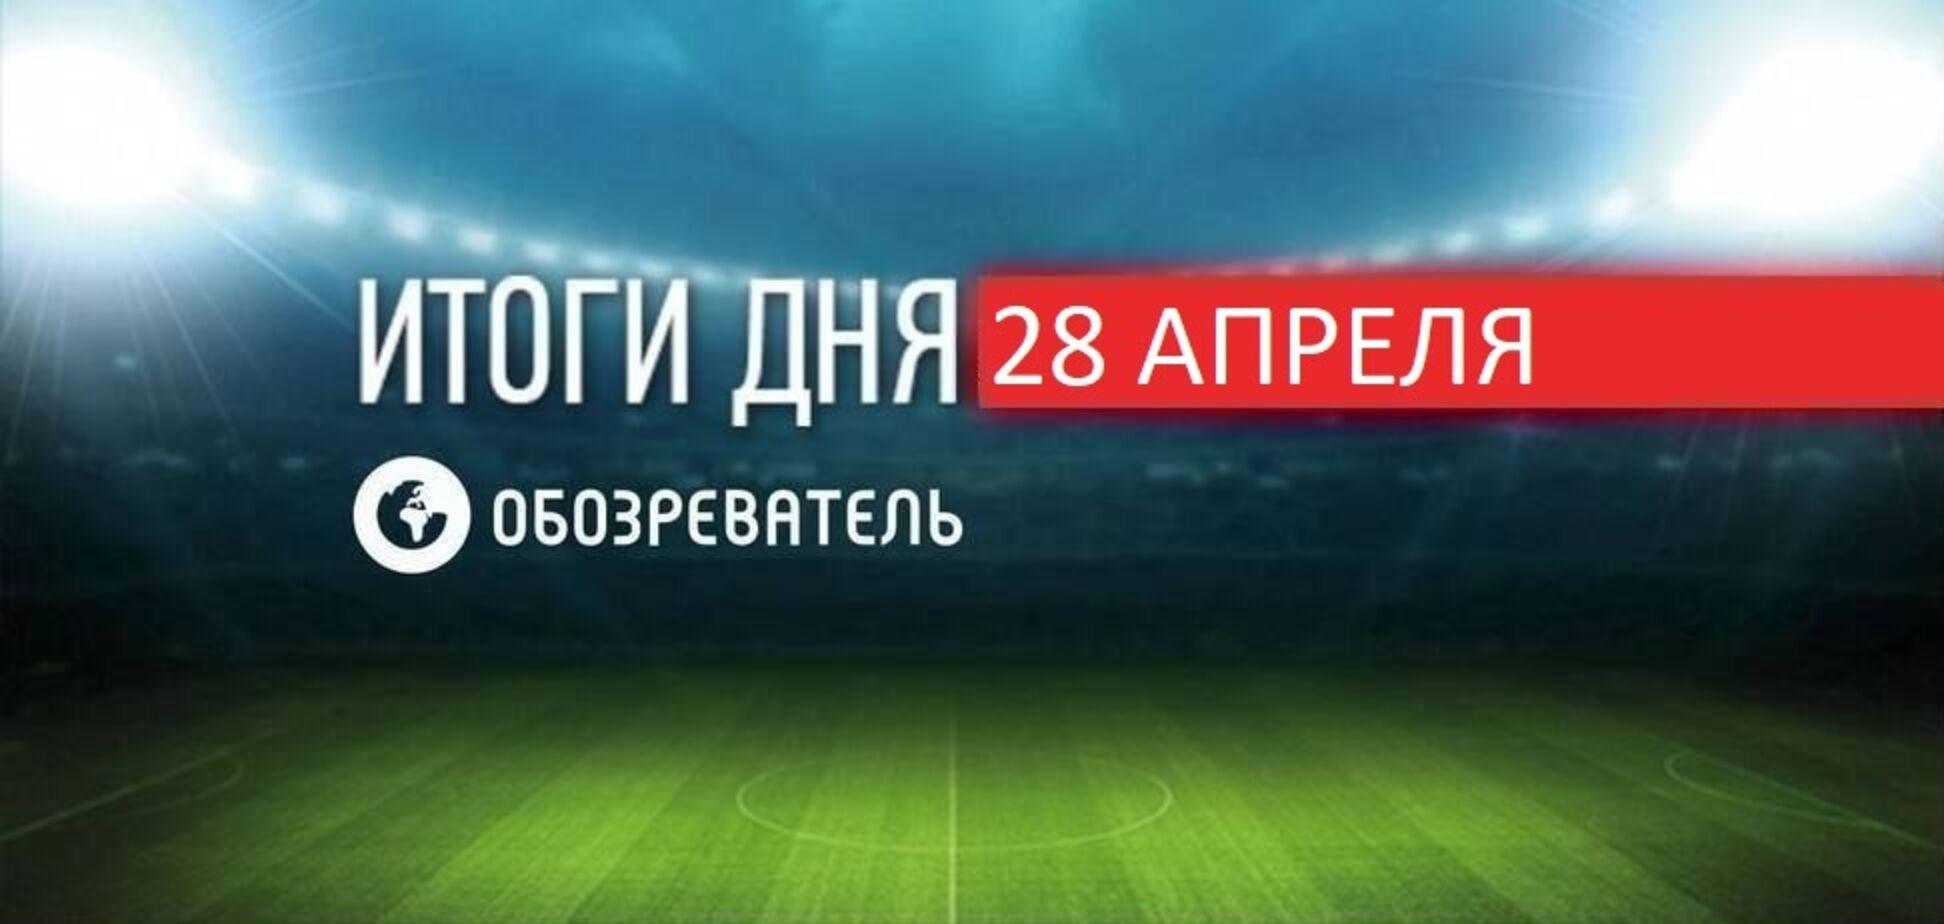 Новини спорту 28 квітня: Зінченко віддав гольову у півфіналі ЛЧ, ЗМІ дізналися бонус Луческу в 'Динамо'